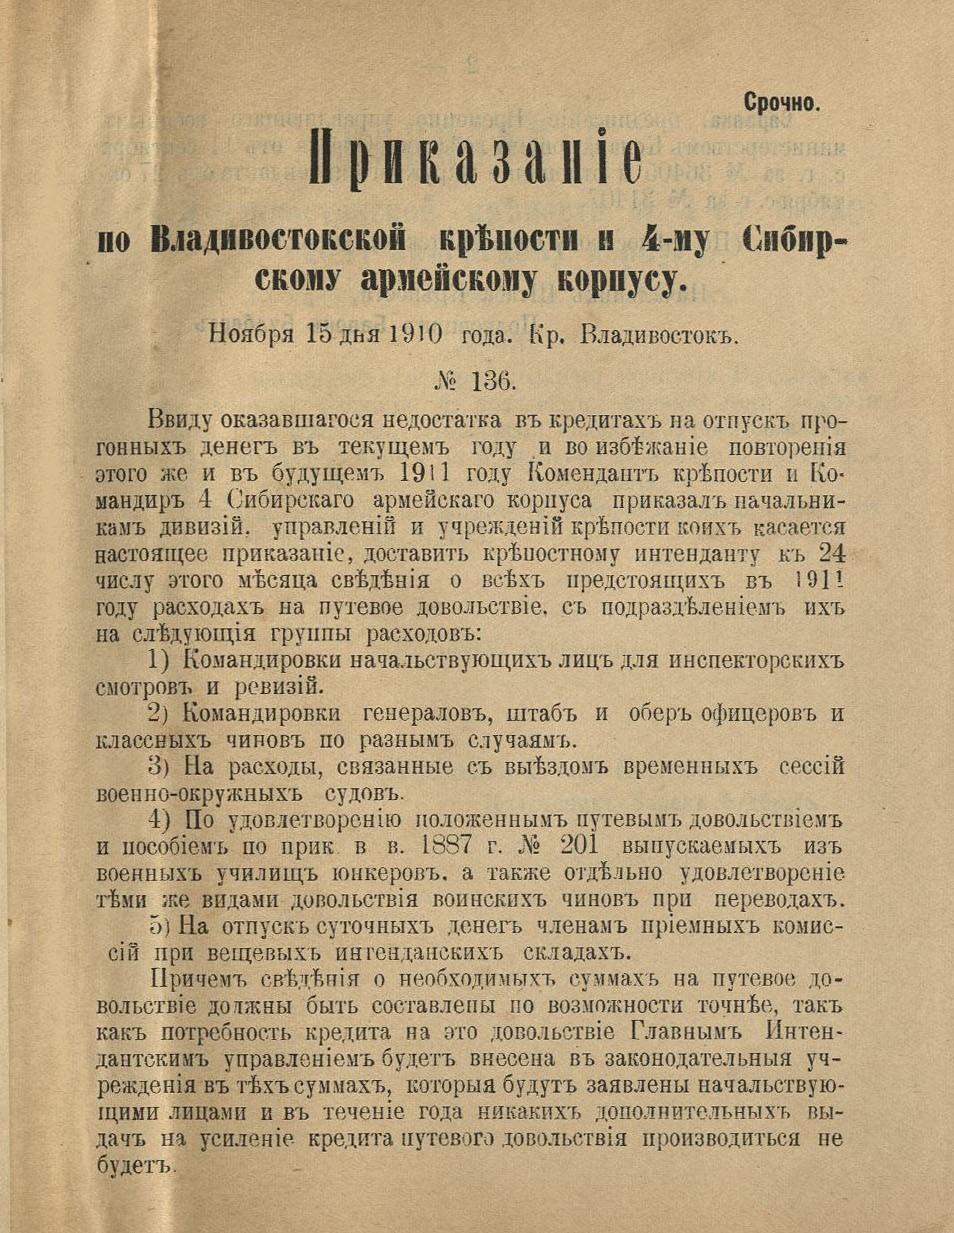 Приказание по Владивостокской крепости и 4-му Сибирскому армейскому корпусу № 136